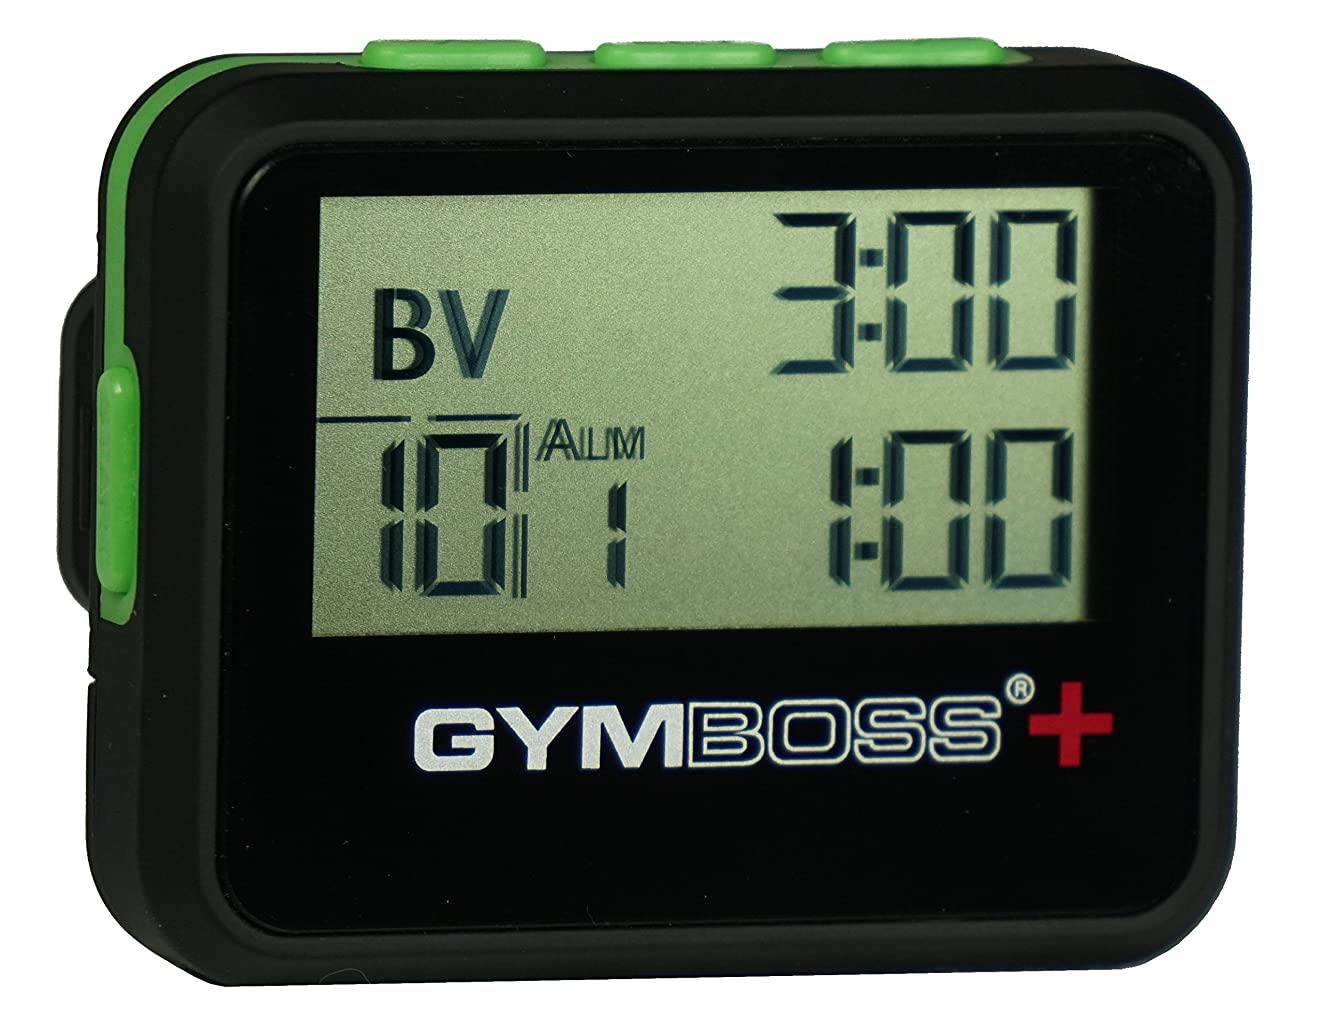 農夫モンスター爆弾Gymboss PLUS インターバルタイマー & ストップウォッチ - ブラック/グリーン ソフトコート